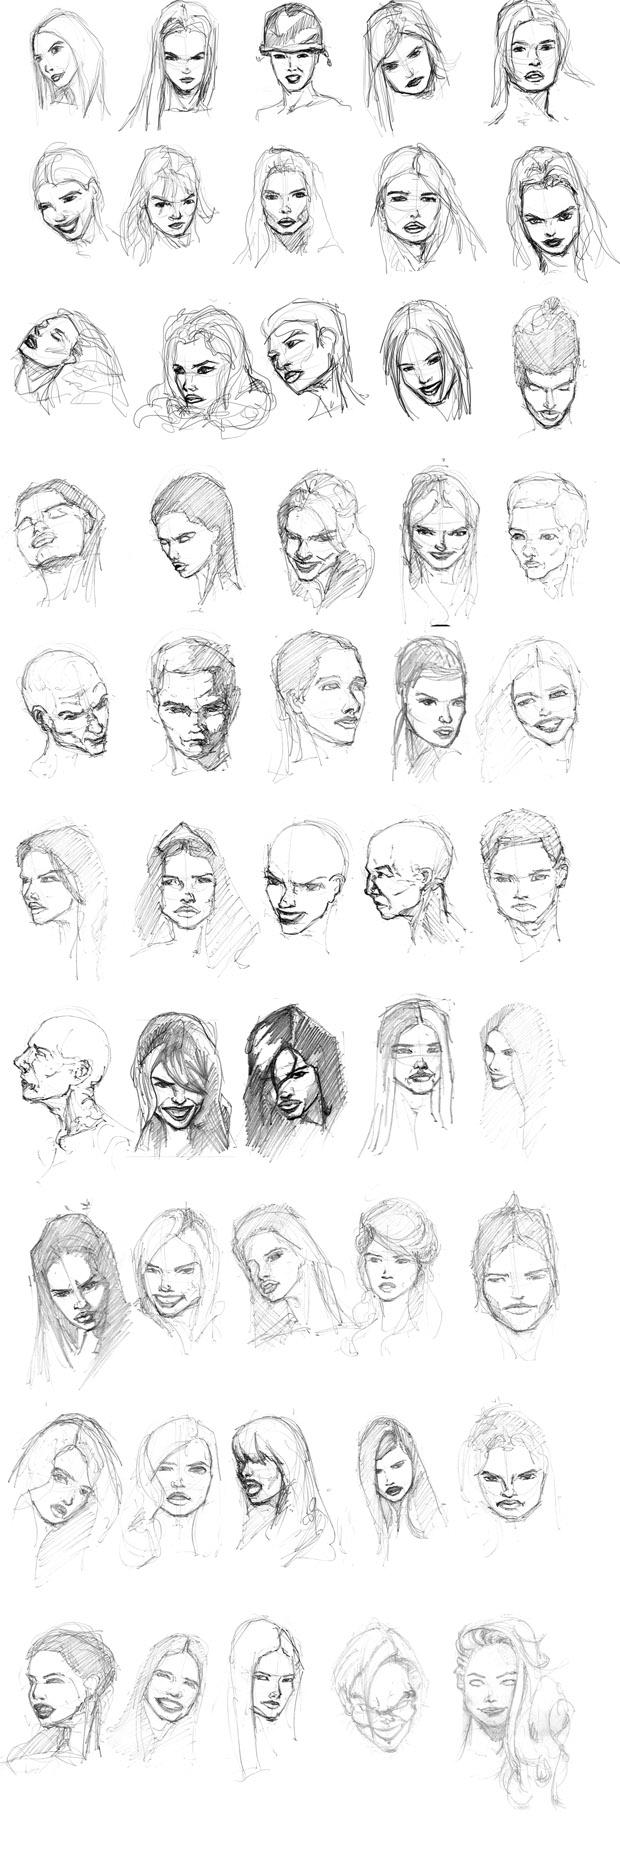 MeTaL-Mikes's Sketchbook